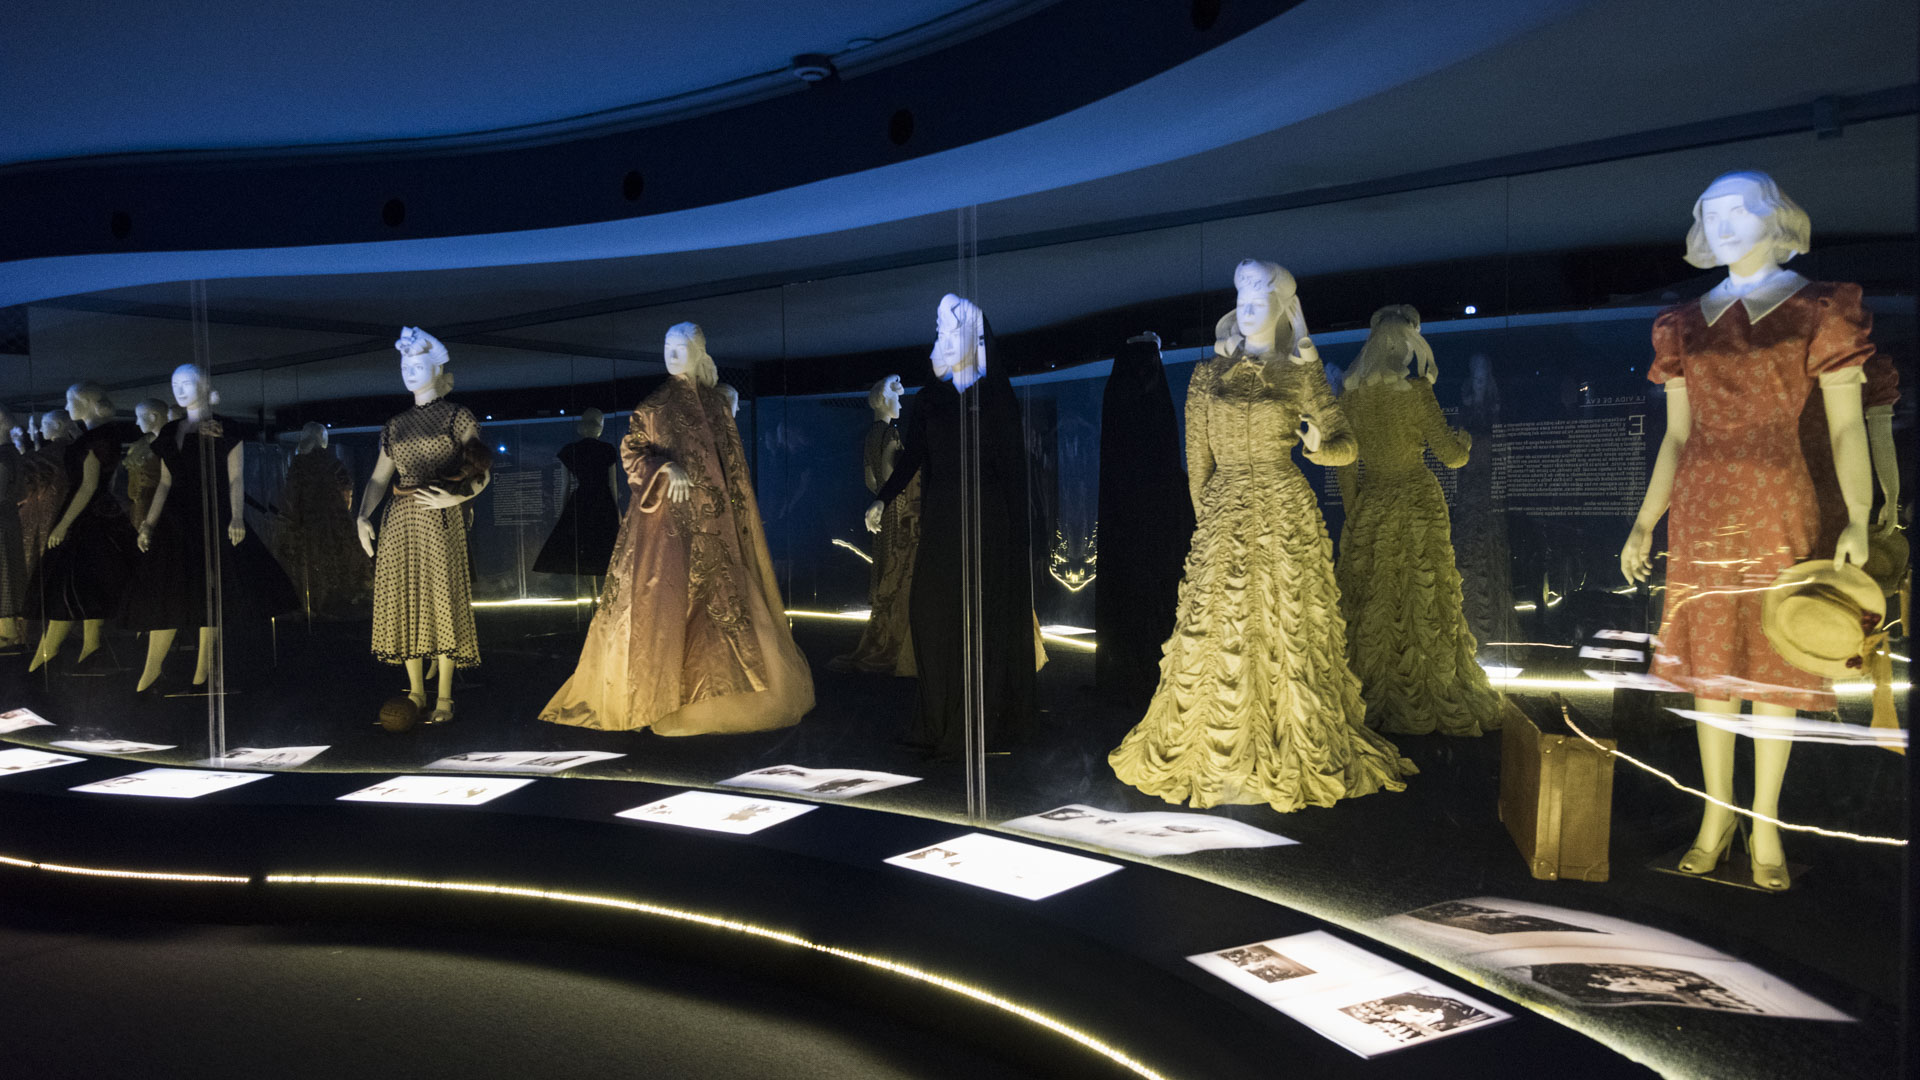 Juana Ibarguren, la madre de Eva, era una apasionada de la costura que se ocupó de transmitir la pasión de generación en generación